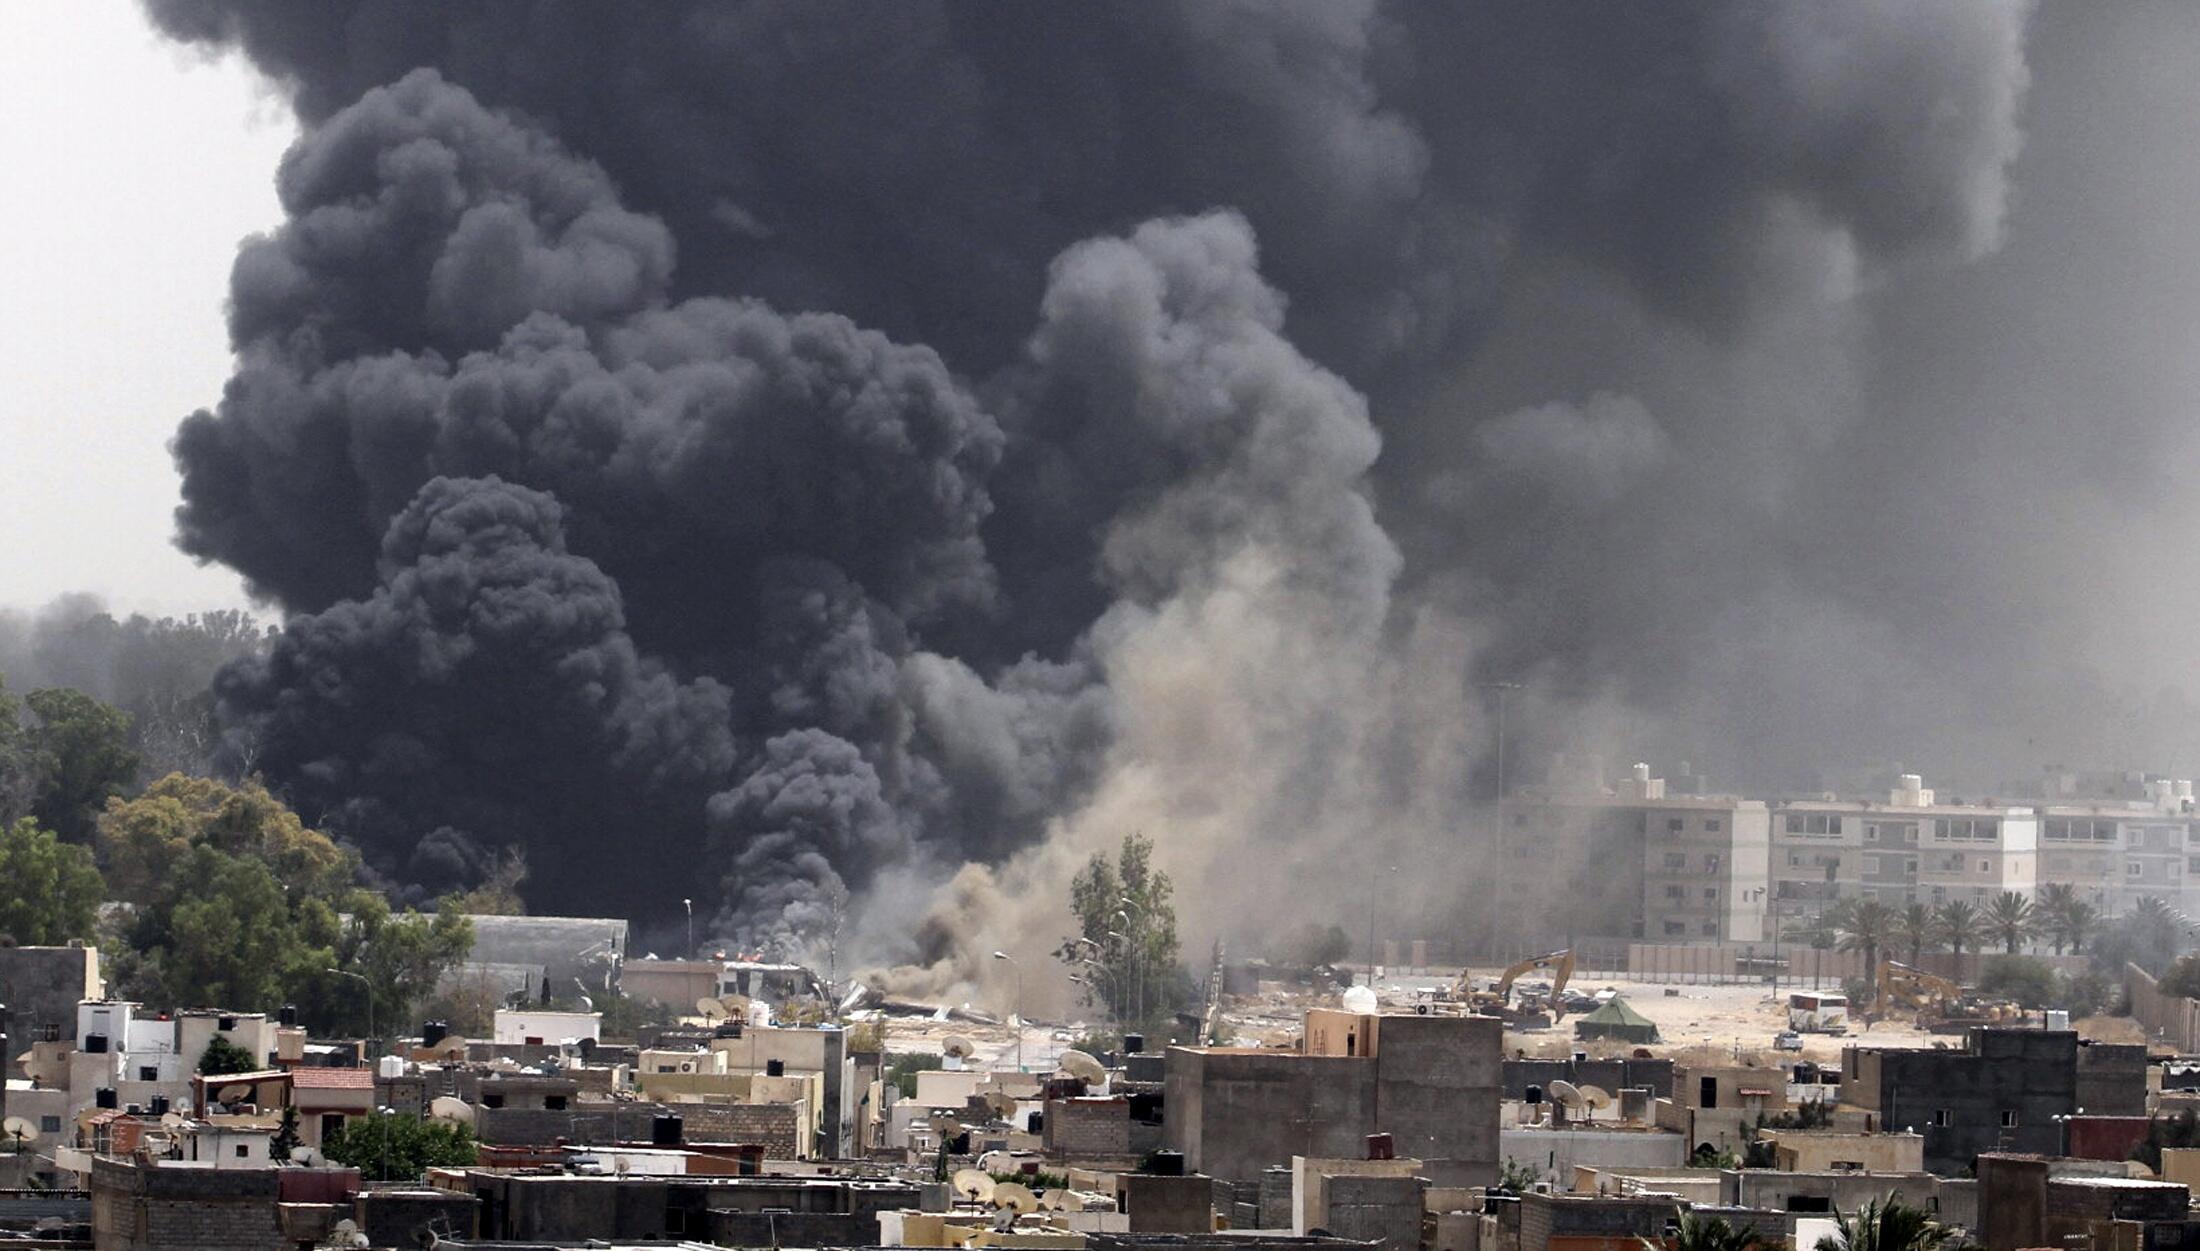 Результат бомбардировки НАТО резиденции Каддафи Баб аль-Азизия в центре Триполи. 07/06/2011